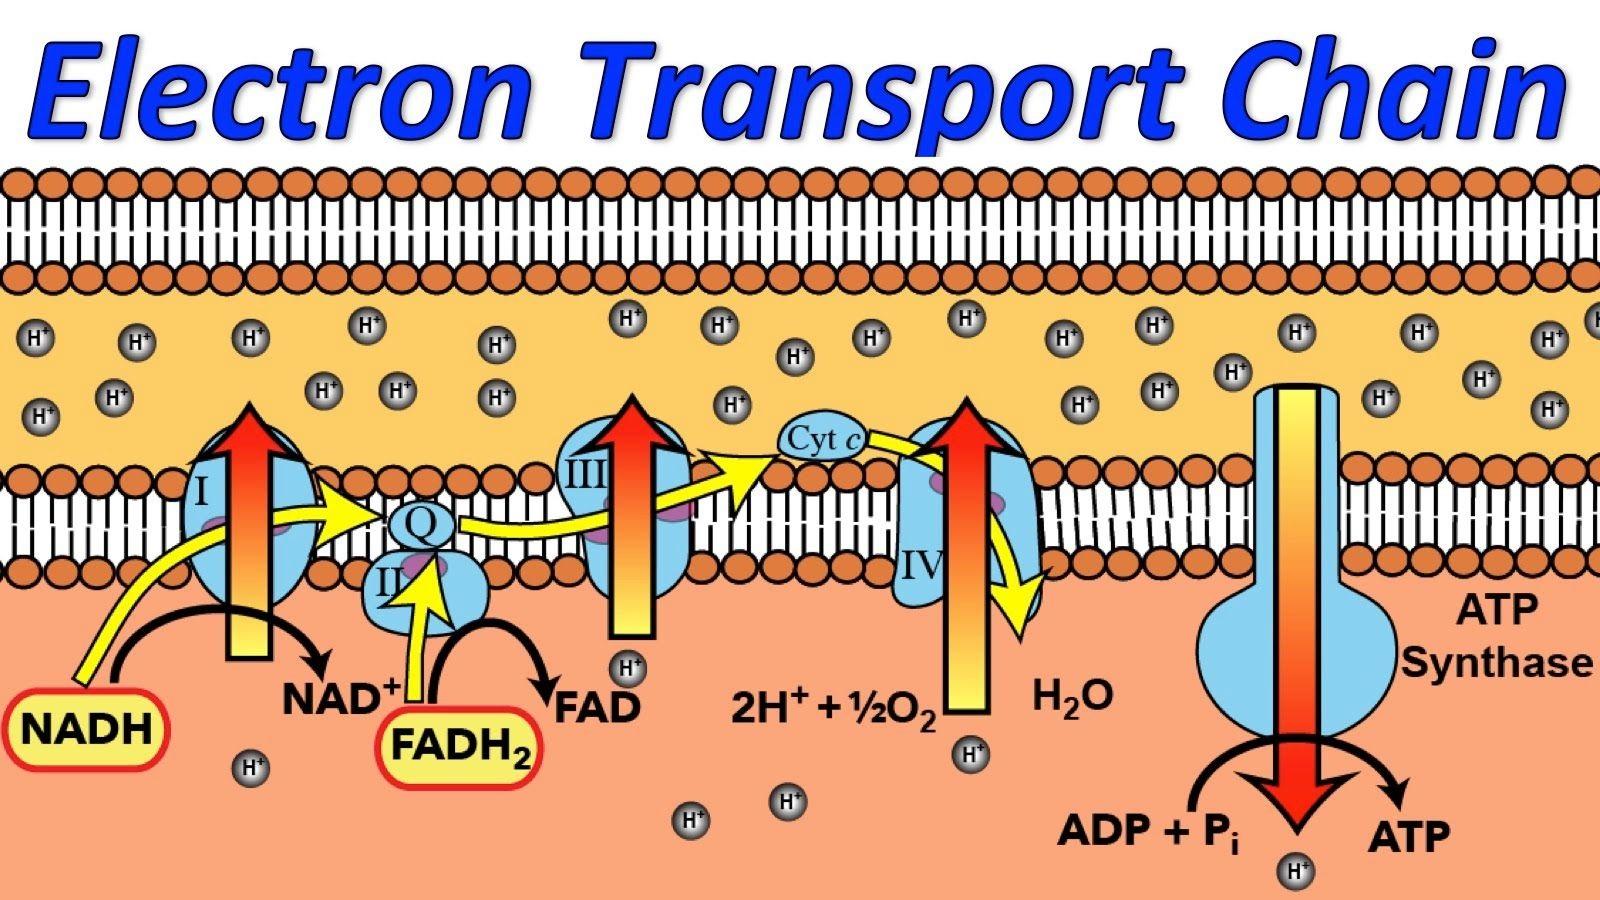 زنجیره انتقال الکترون چیست؟ | زبان ساده